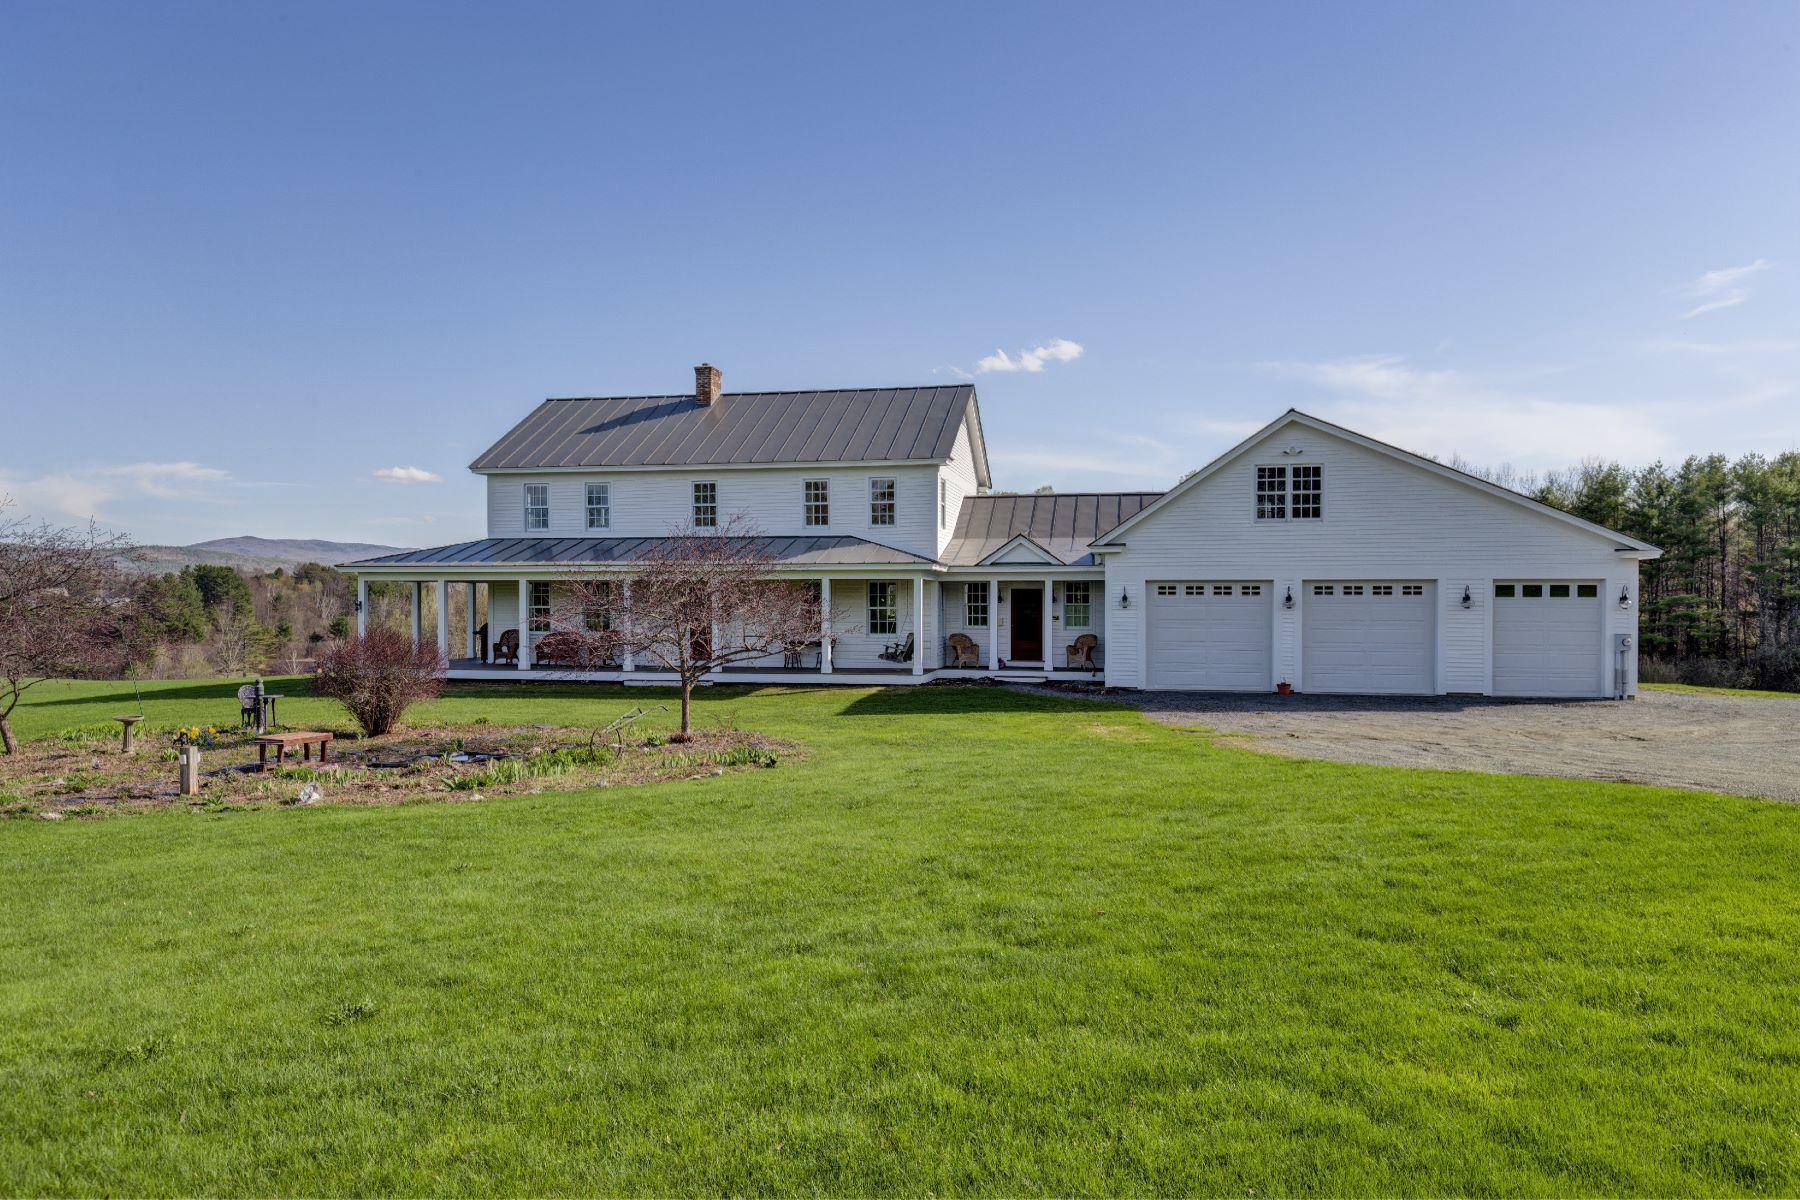 Villa per Vendita alle ore 227 Schoolhouse Hill Road, Thetford 227 Schoolhouse Hill Rd Thetford, Vermont, 05075 Stati Uniti